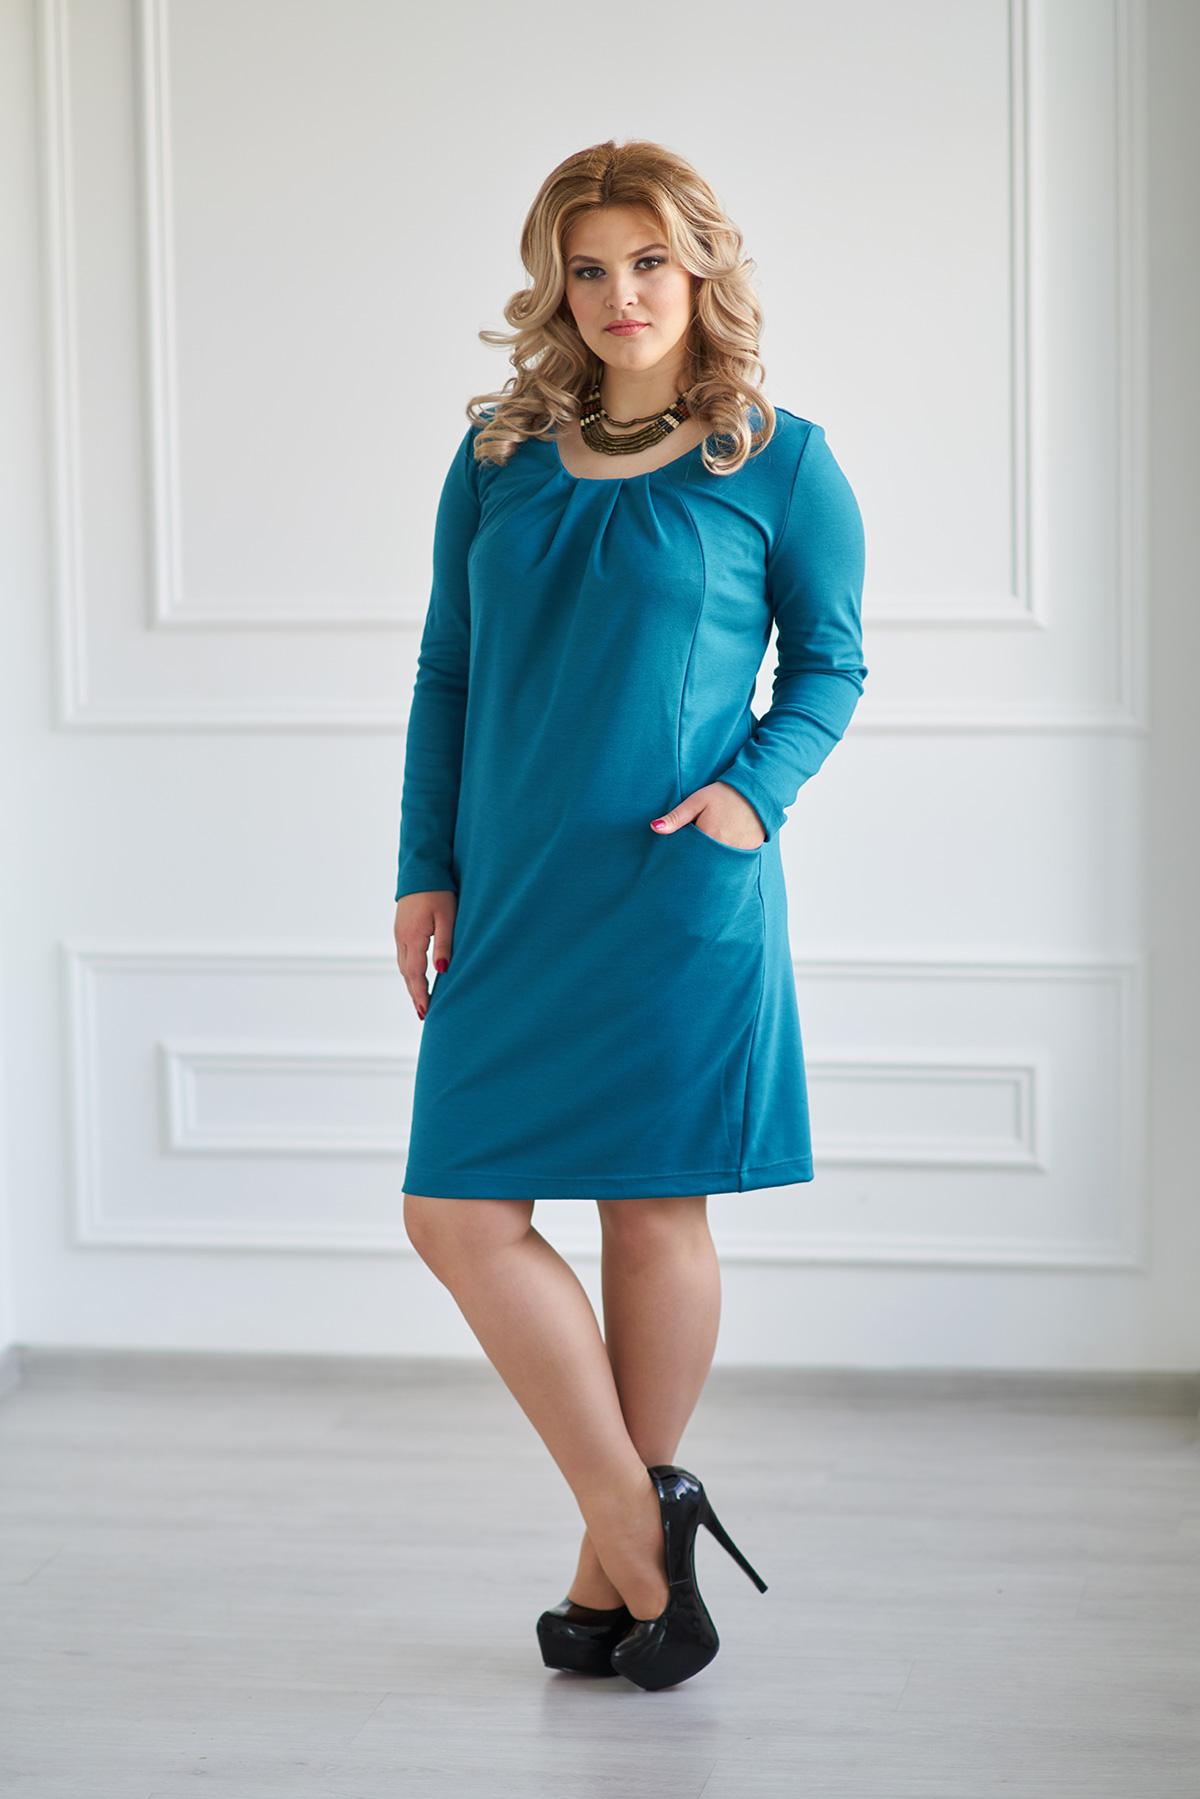 Жен. платье арт. 19-0005 Темно-изумрудный р. 54Платья<br>Факт. ОГ: 108 см <br>Факт. ОТ: 112 см <br>Факт. ОБ: 116 см <br>Длина рукава: 57 см <br>Длина по спинке: 104 см<br><br>Тип: Жен. платье<br>Размер: 54<br>Материал: Милано